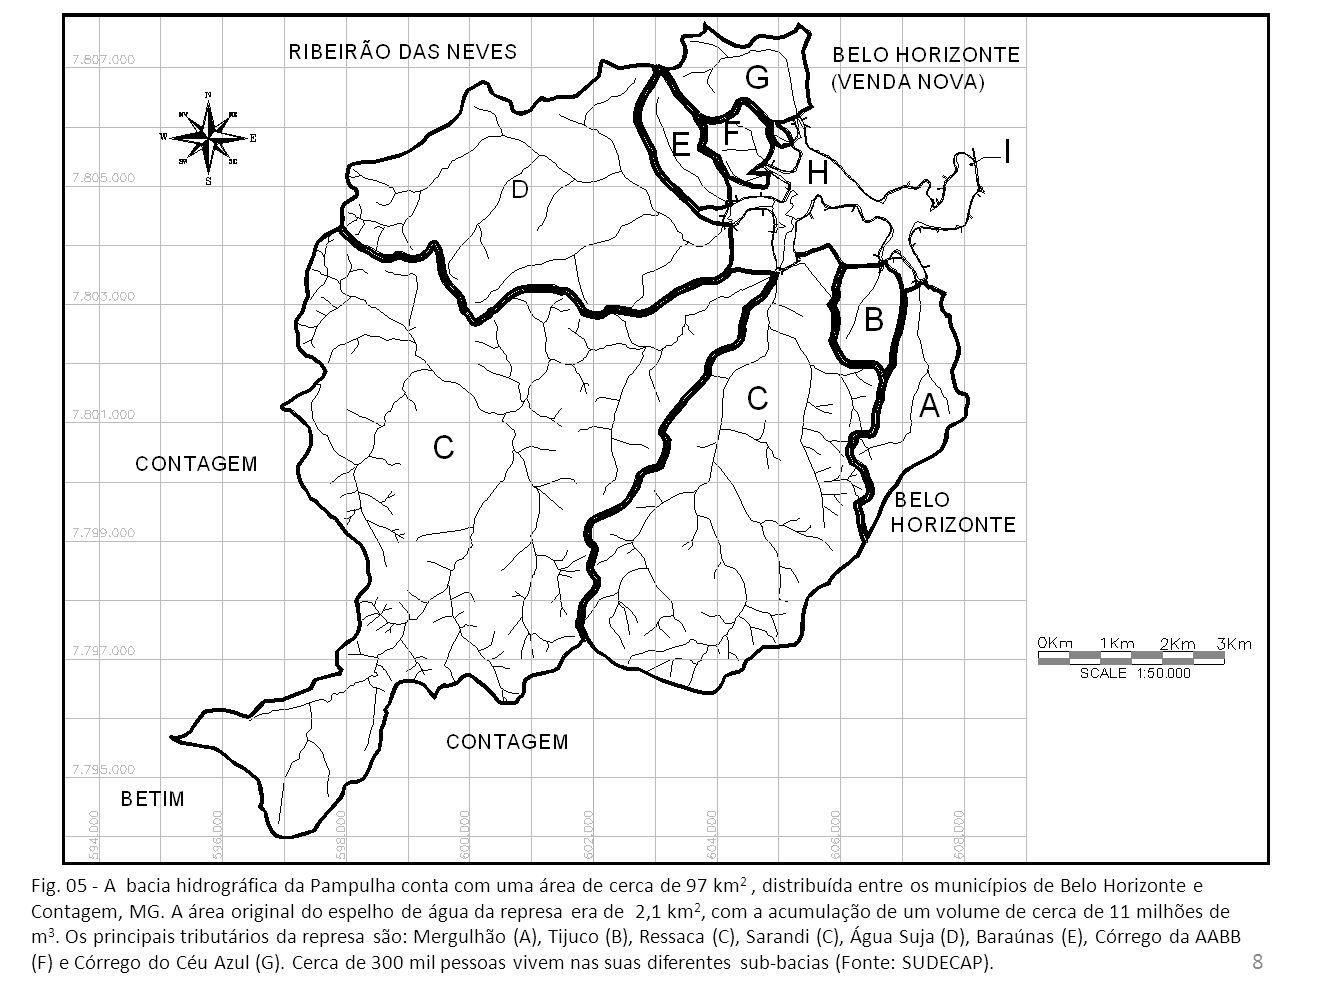 Represa da Pampulha Morfometria e batimetria de precisão Segundo as últimas pesquisas do LGAR (Resck et al, 2008) e Bezerra-Neto & Pinto-Coelho, 2010), a represa perdeu pelo menos 20% de seu volume acumulado nos últimos 30 anos (Fig.